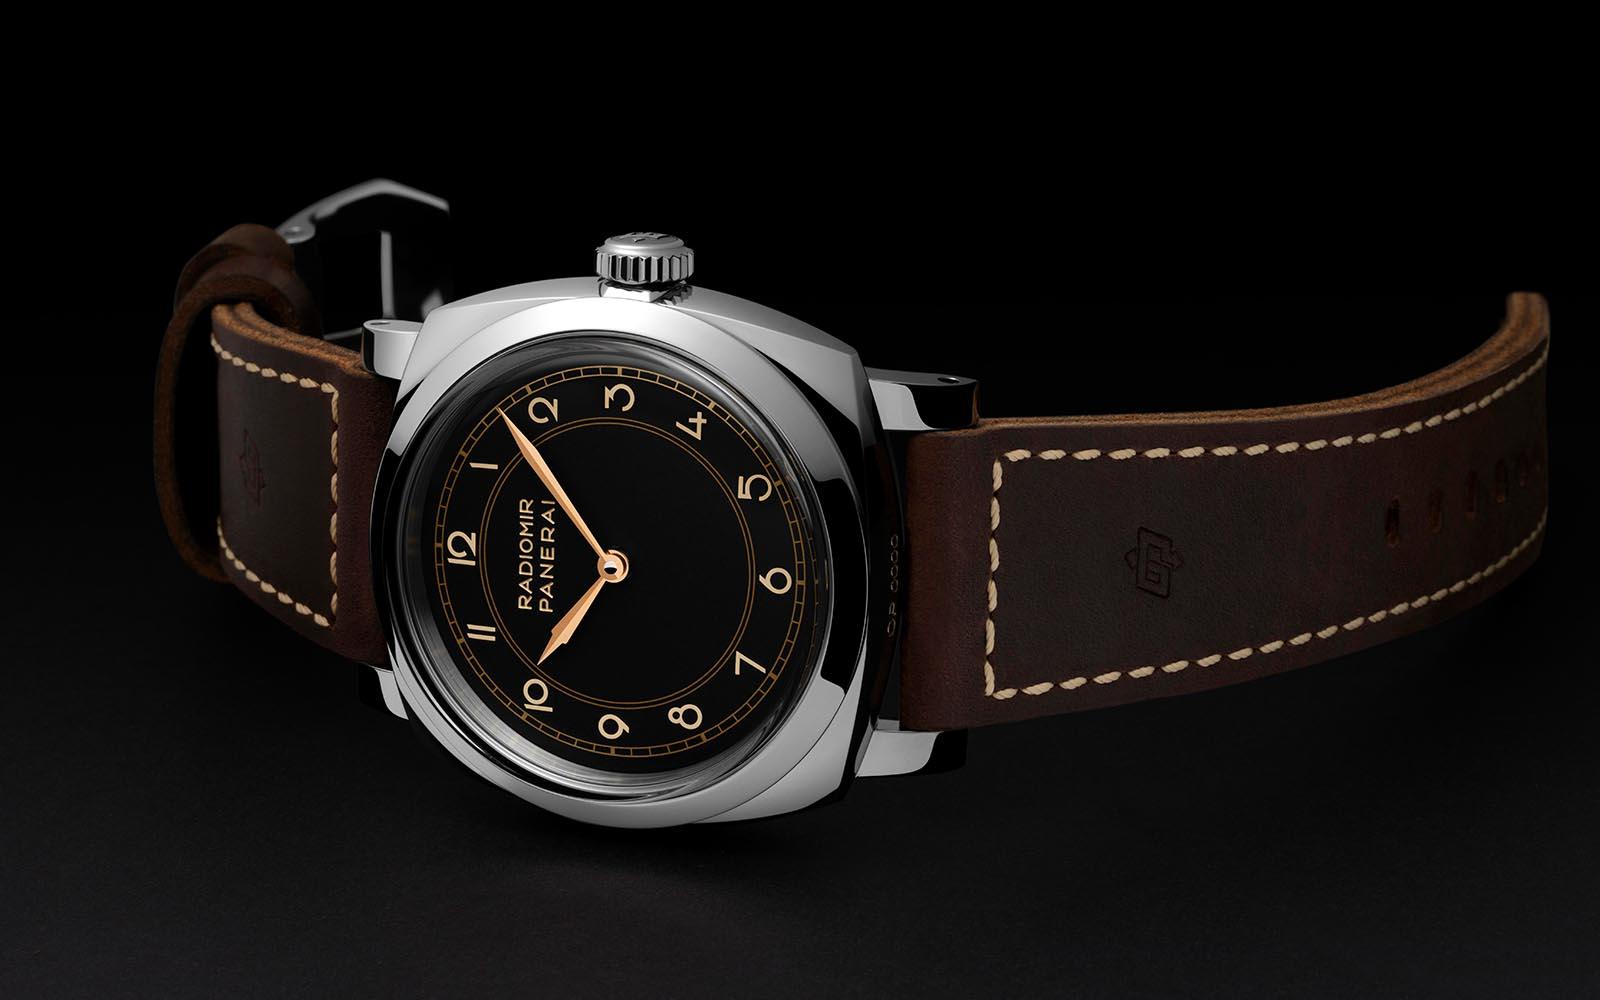 89417bfcc7a Panerai apresenta relógios inspirados em peça histórica - Boat Shopping